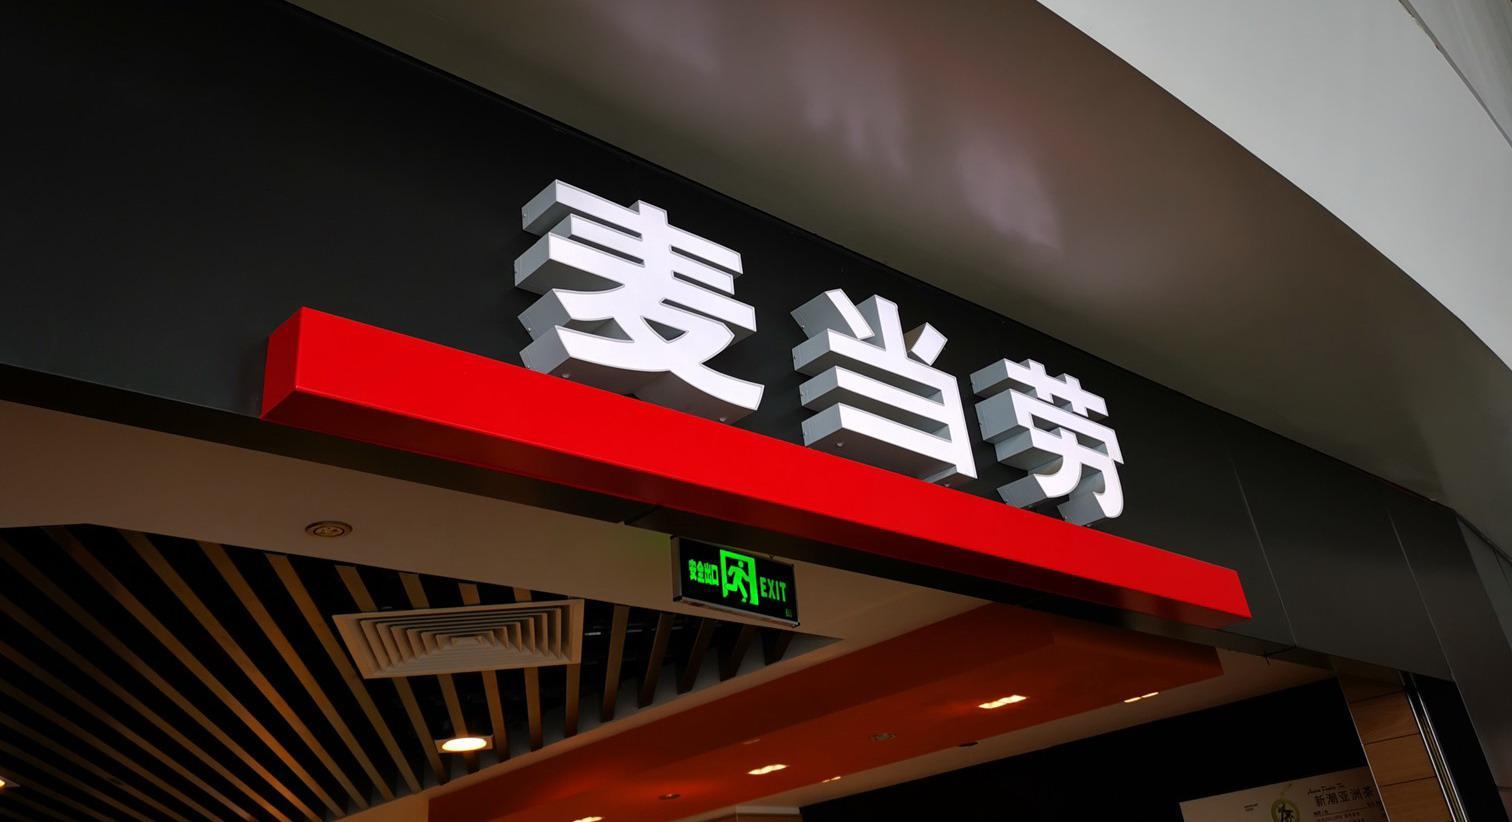 麥當勞中國宣佈逐步停用塑料吸管 無吸管新杯蓋亮相